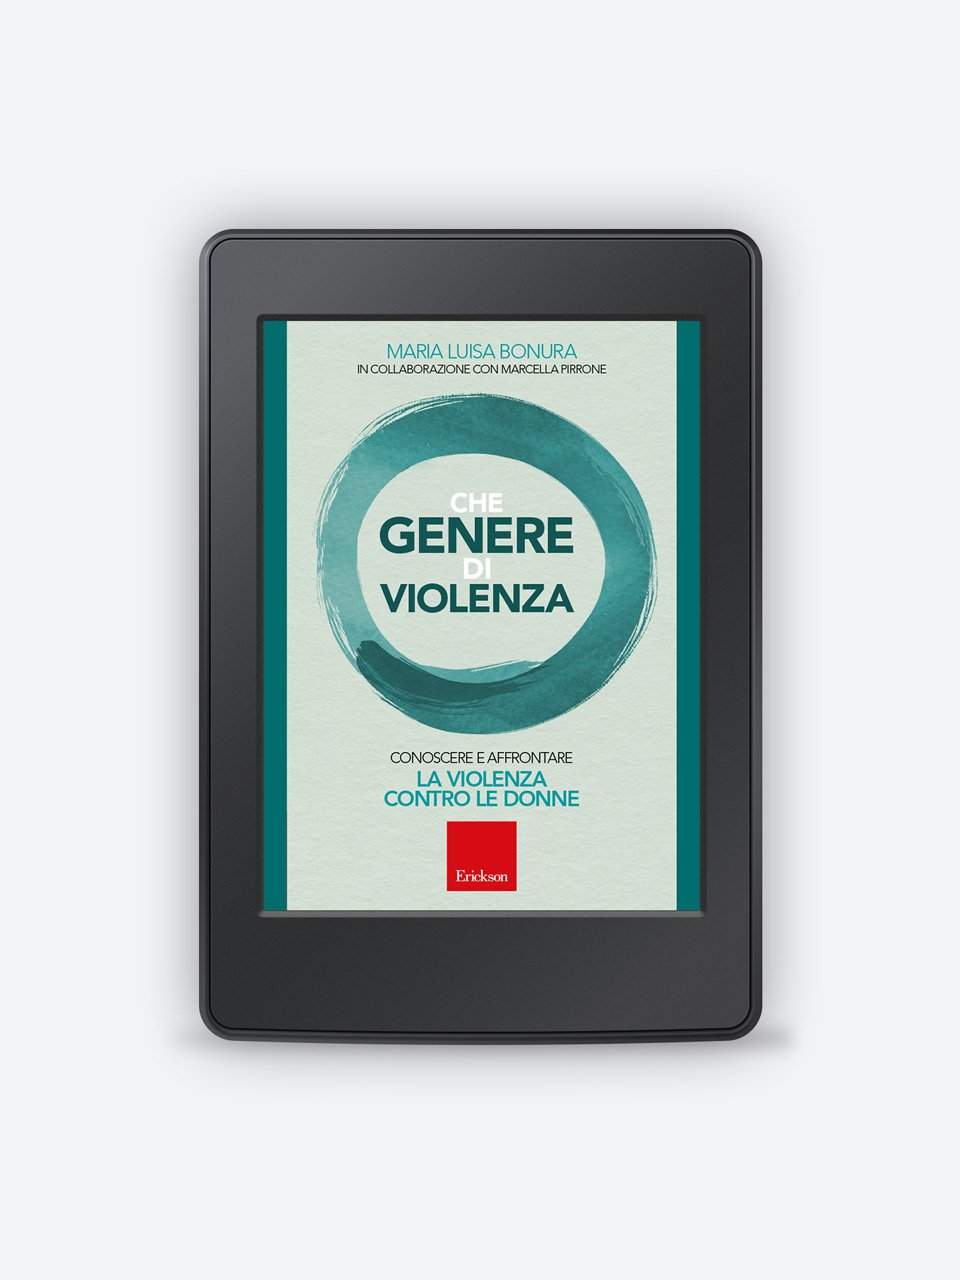 Che genere di violenza - Le parole non dette - Libri - Erickson